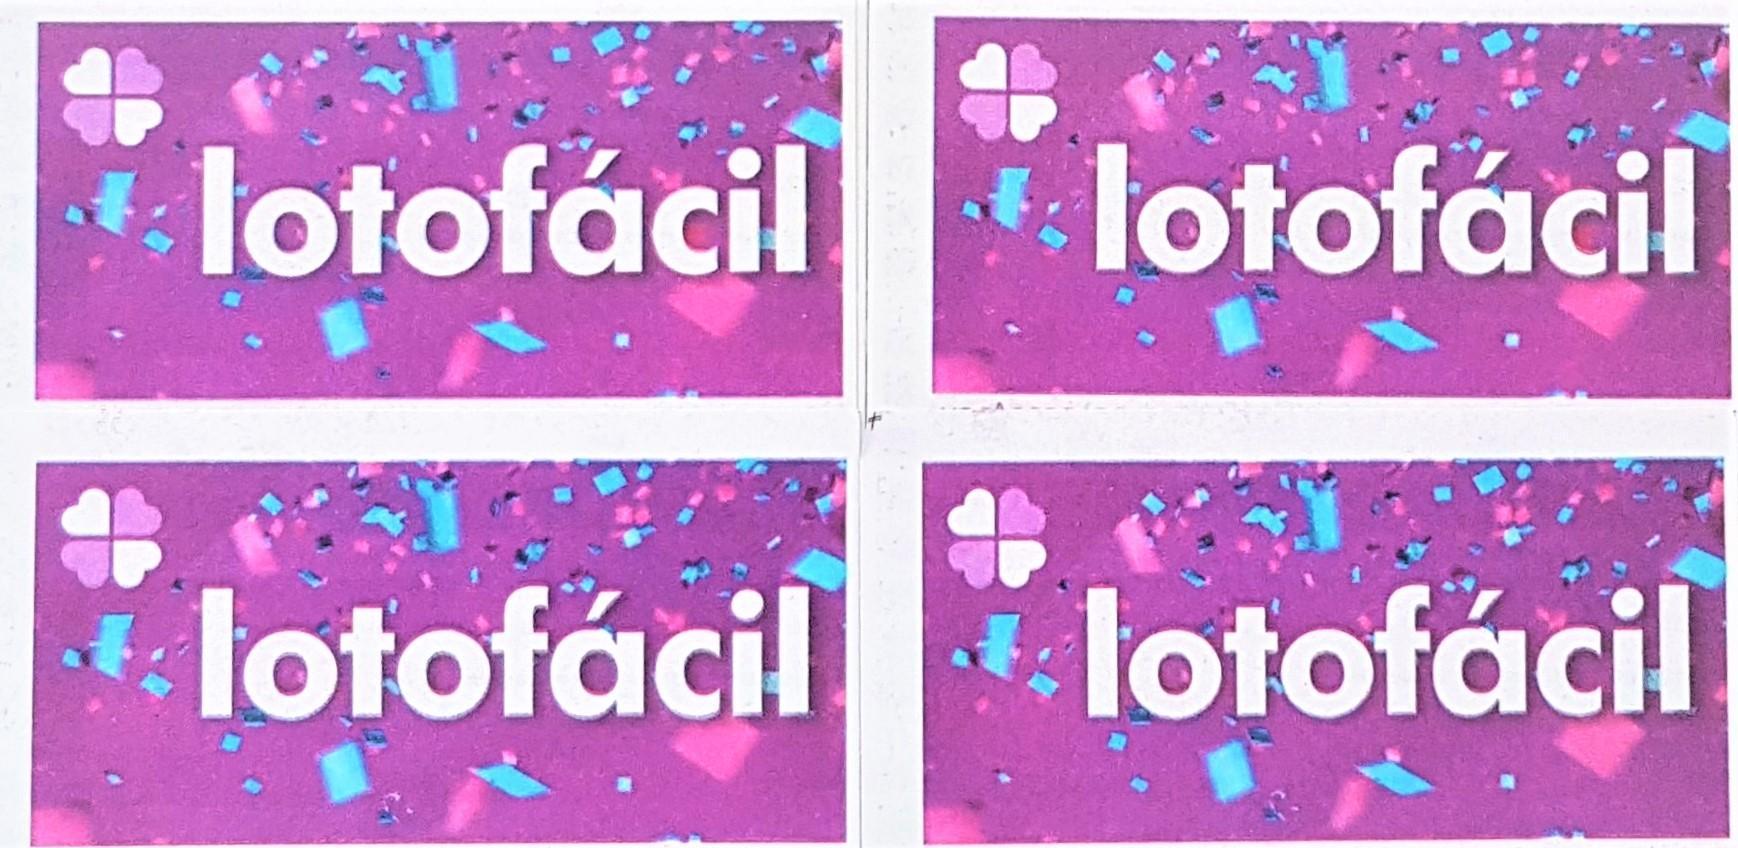 Lotofácil de ontem - A imagem mostra quatro logos do volante da Lotofácil